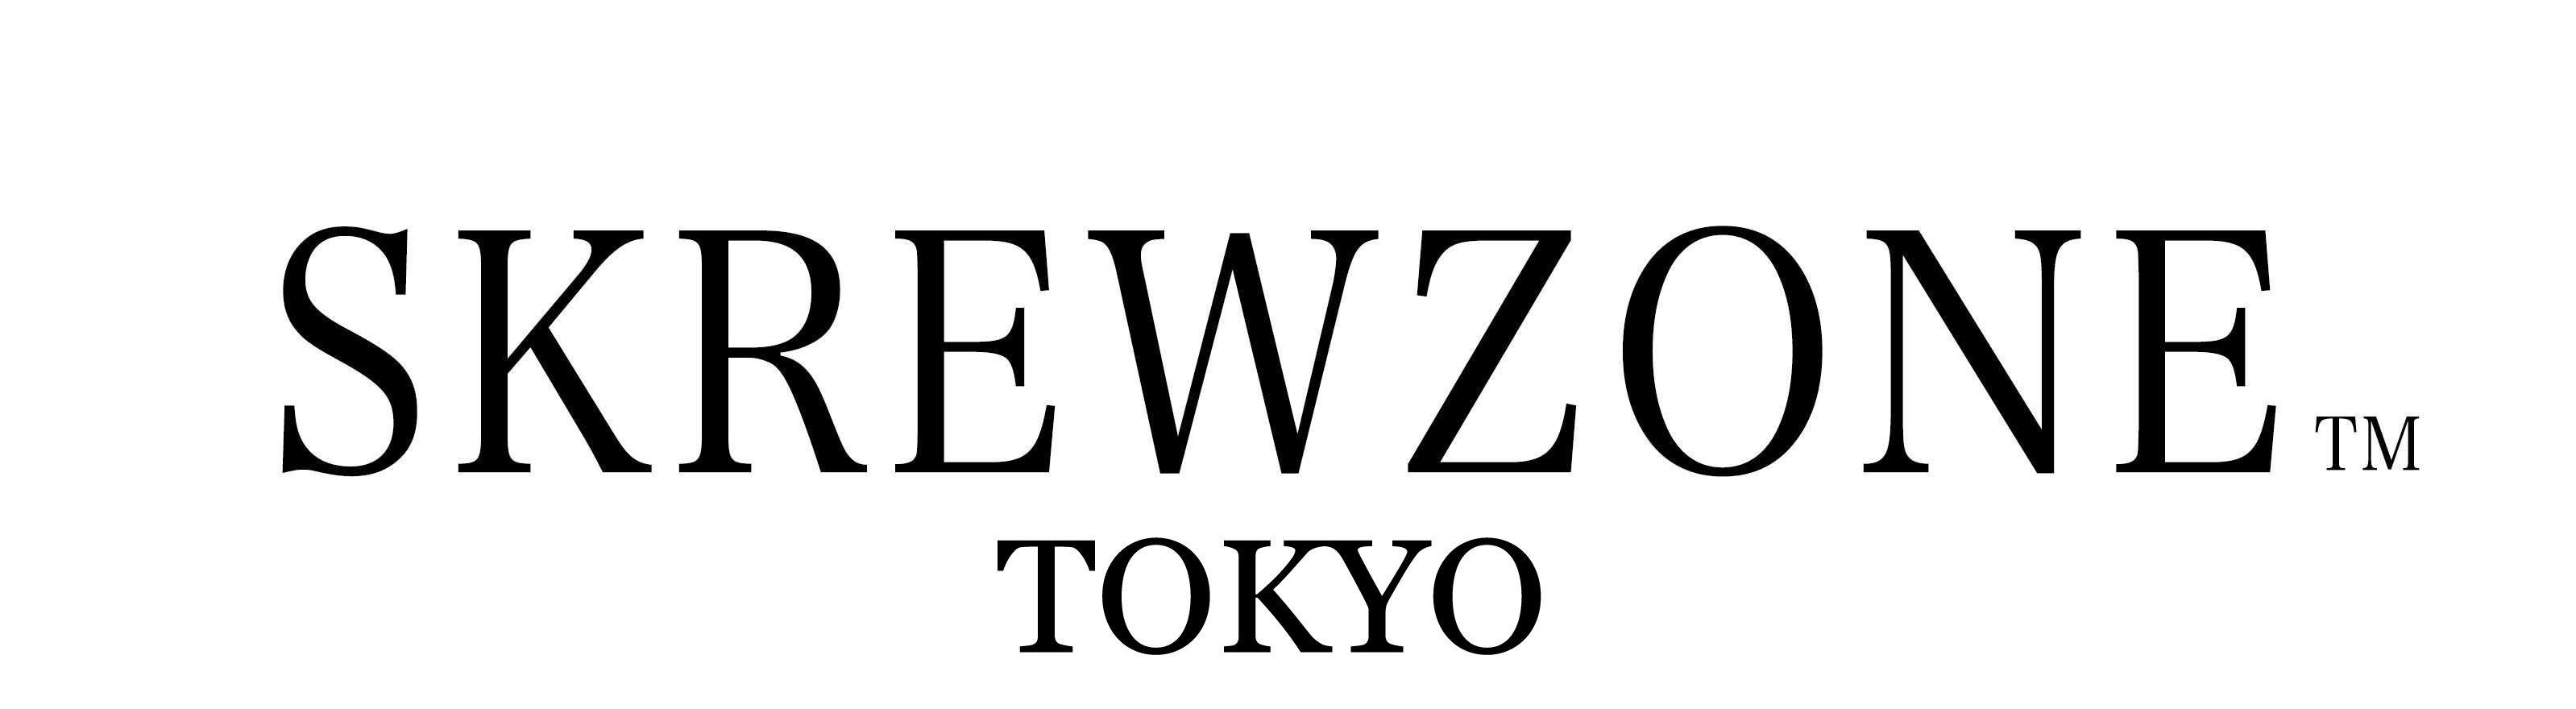 skrewzonetokyo(スクリューゾーントウキョウ)